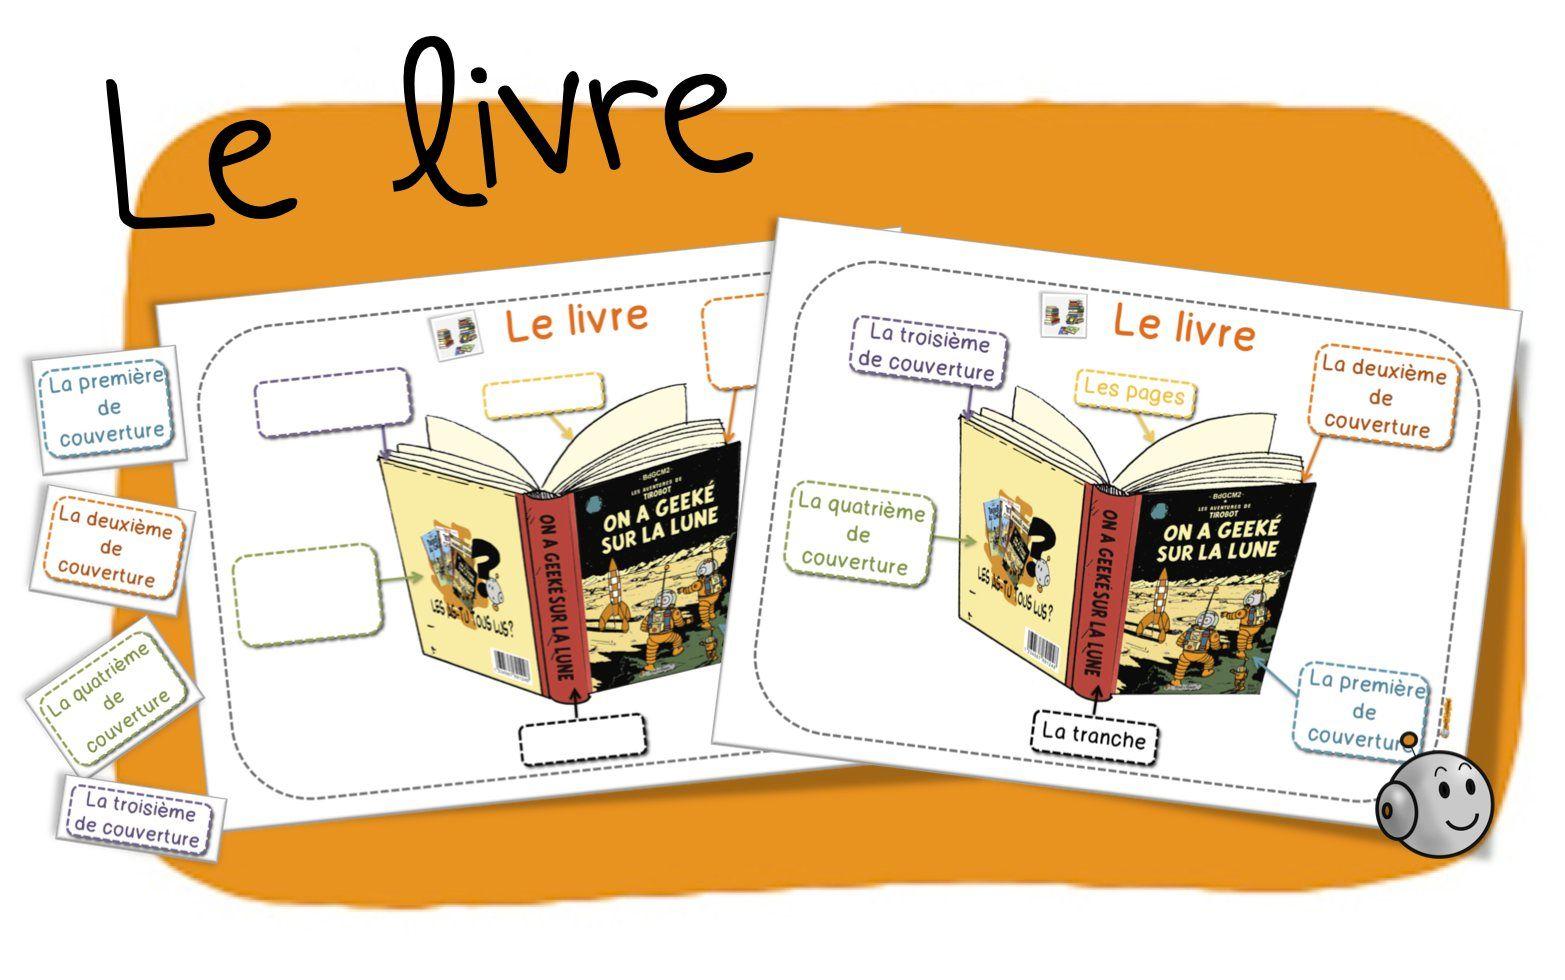 le livre et son vocabulaire sp u00e9cifique  couvertures  tranche  r u00e9sum u00e9  etc